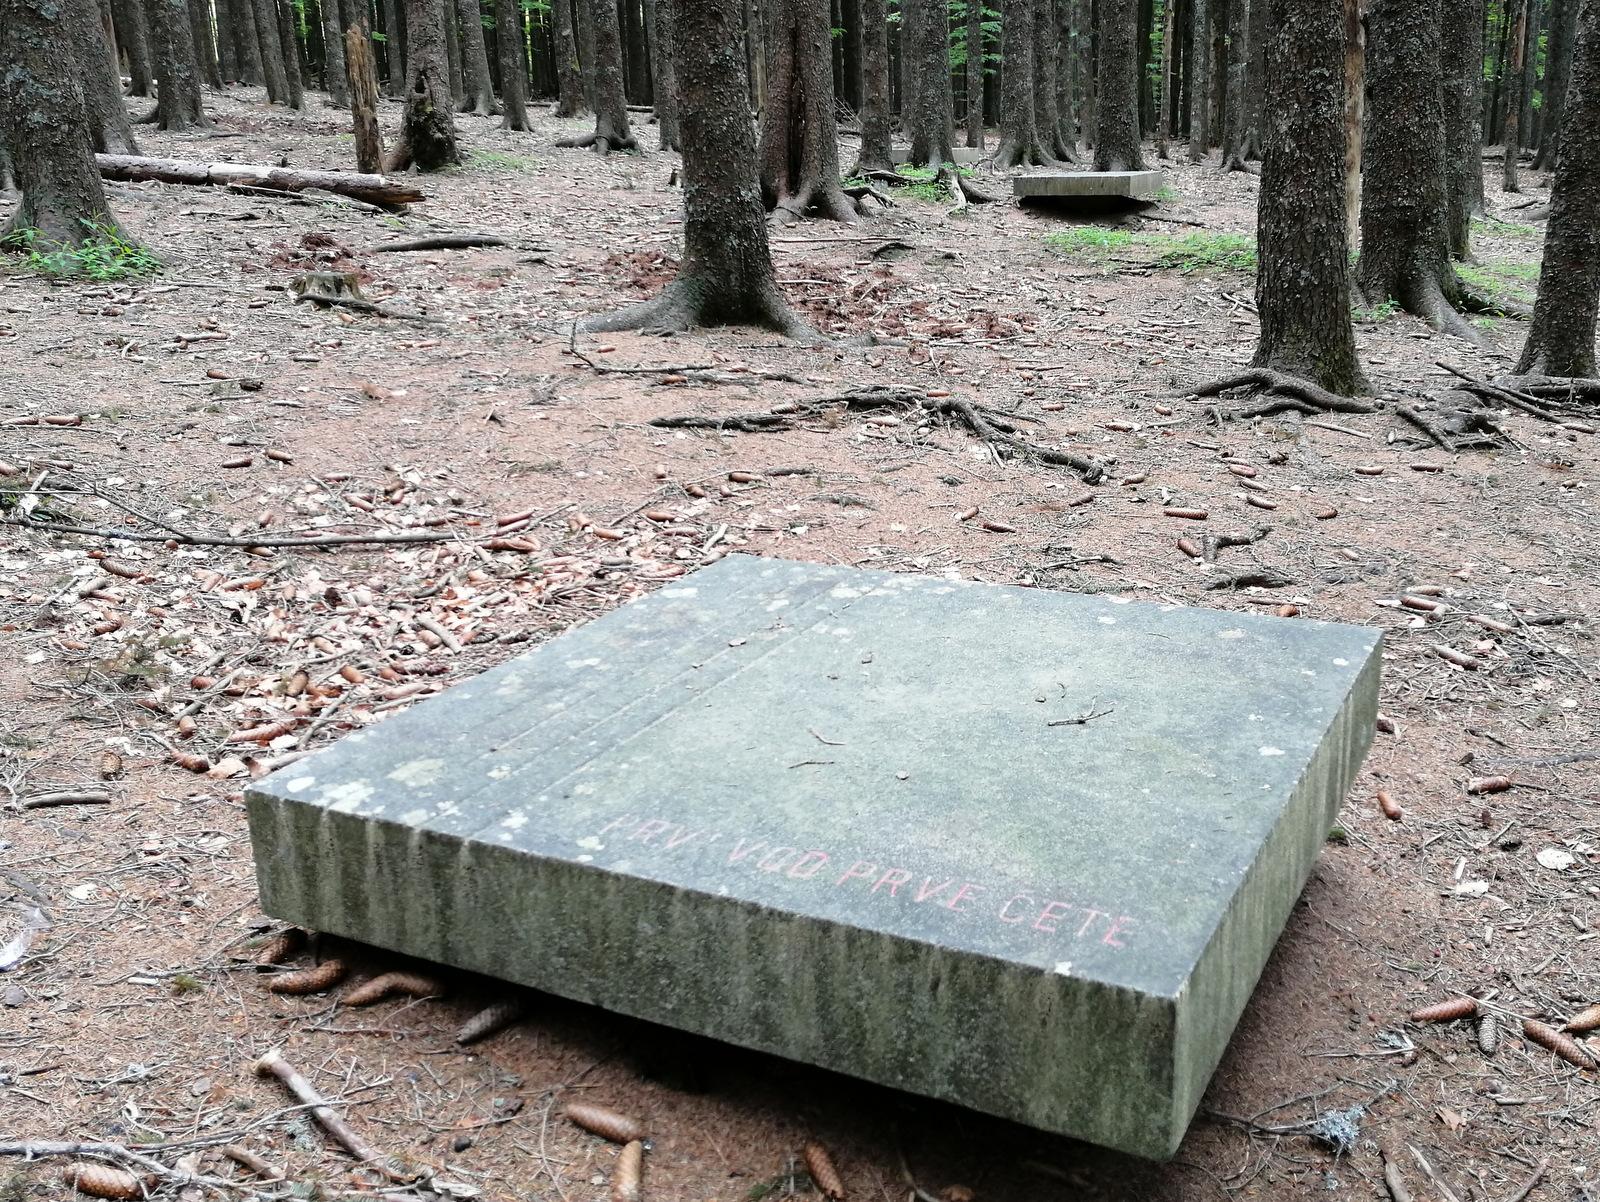 Spomenik Trije žeblji, Osankarica